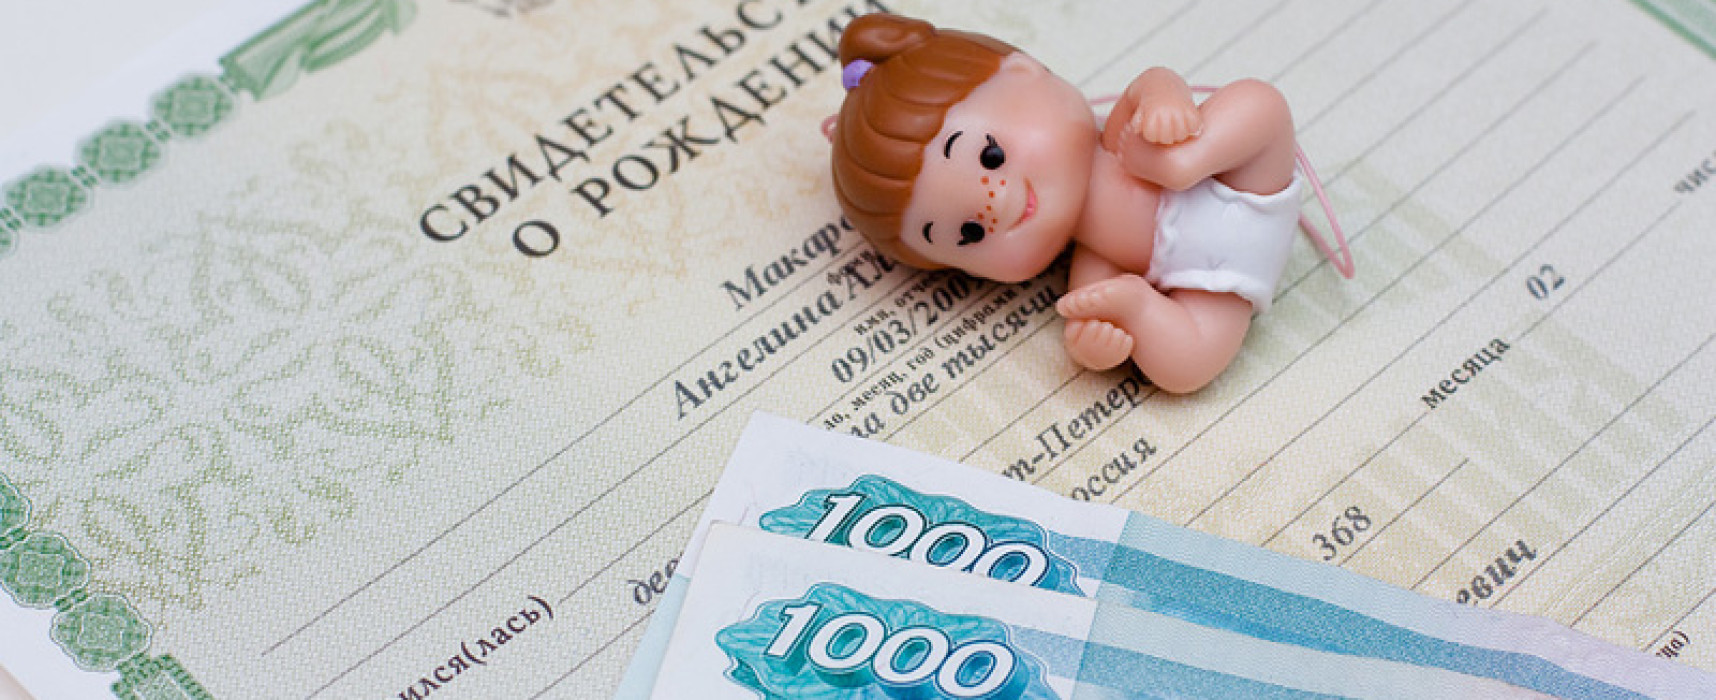 Единовременное пособие при рождении ребенка в 2016 году